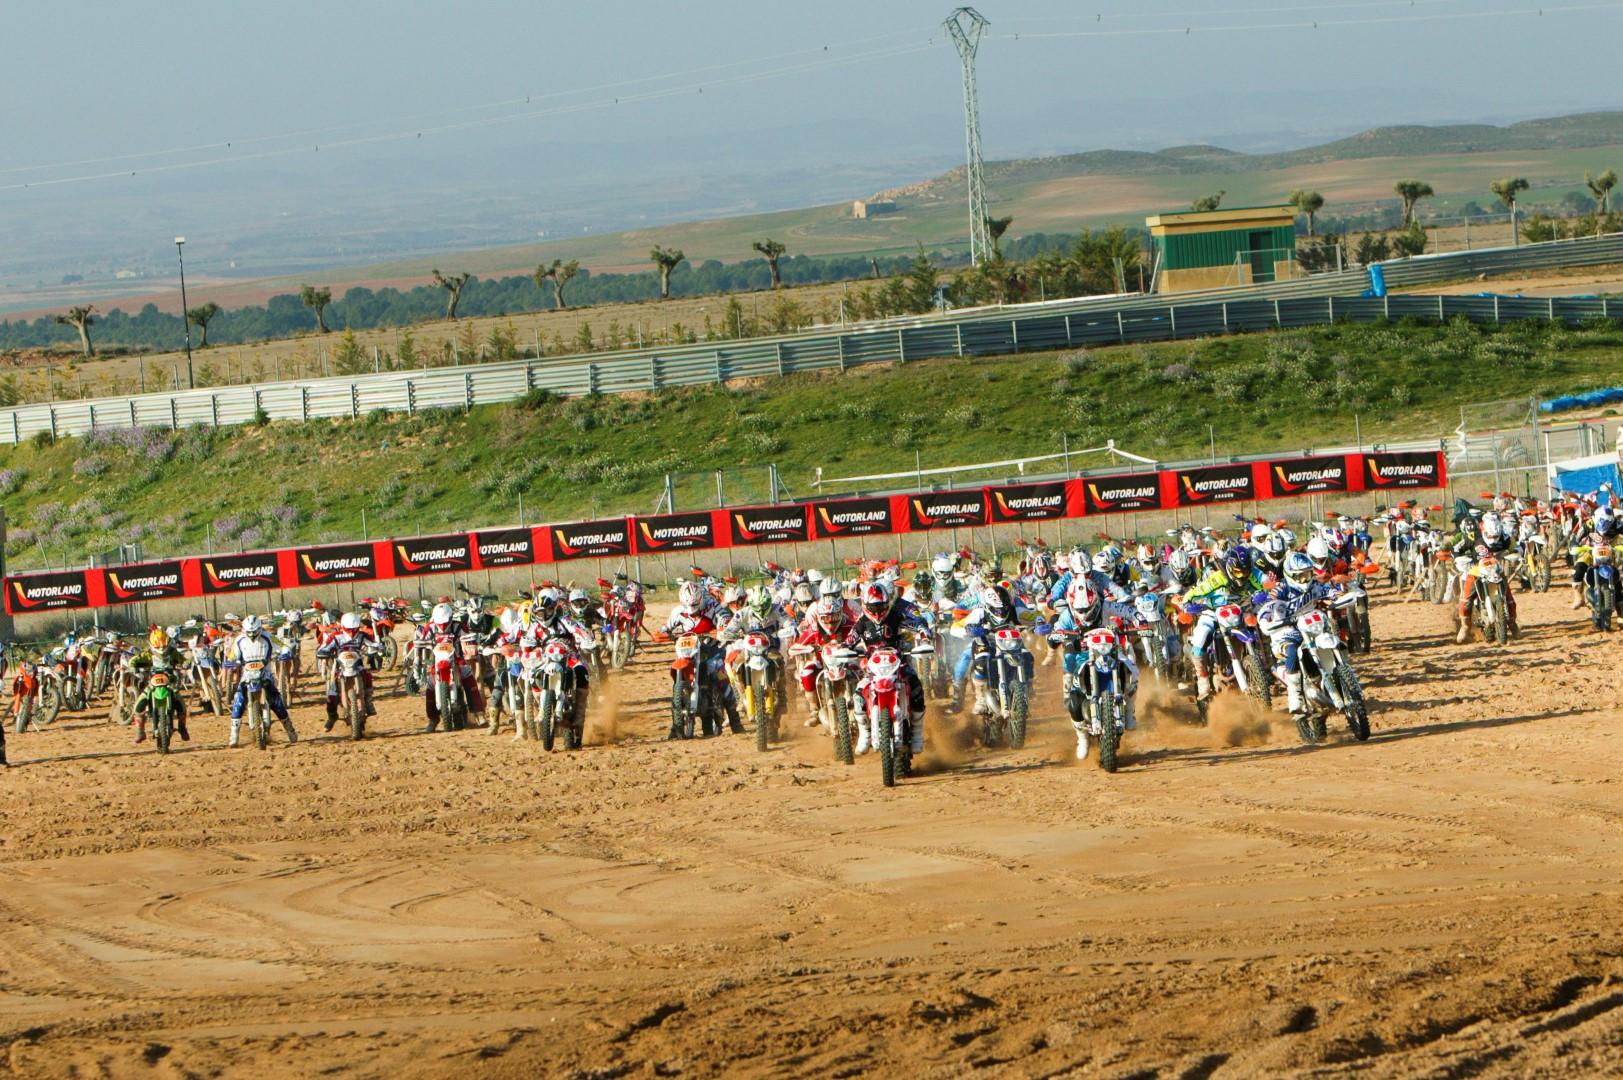 La prueba de enduro Motorland X-Race regala una inscripción para su quinta edición,  de los próximos días 17 y 18 de diciembre